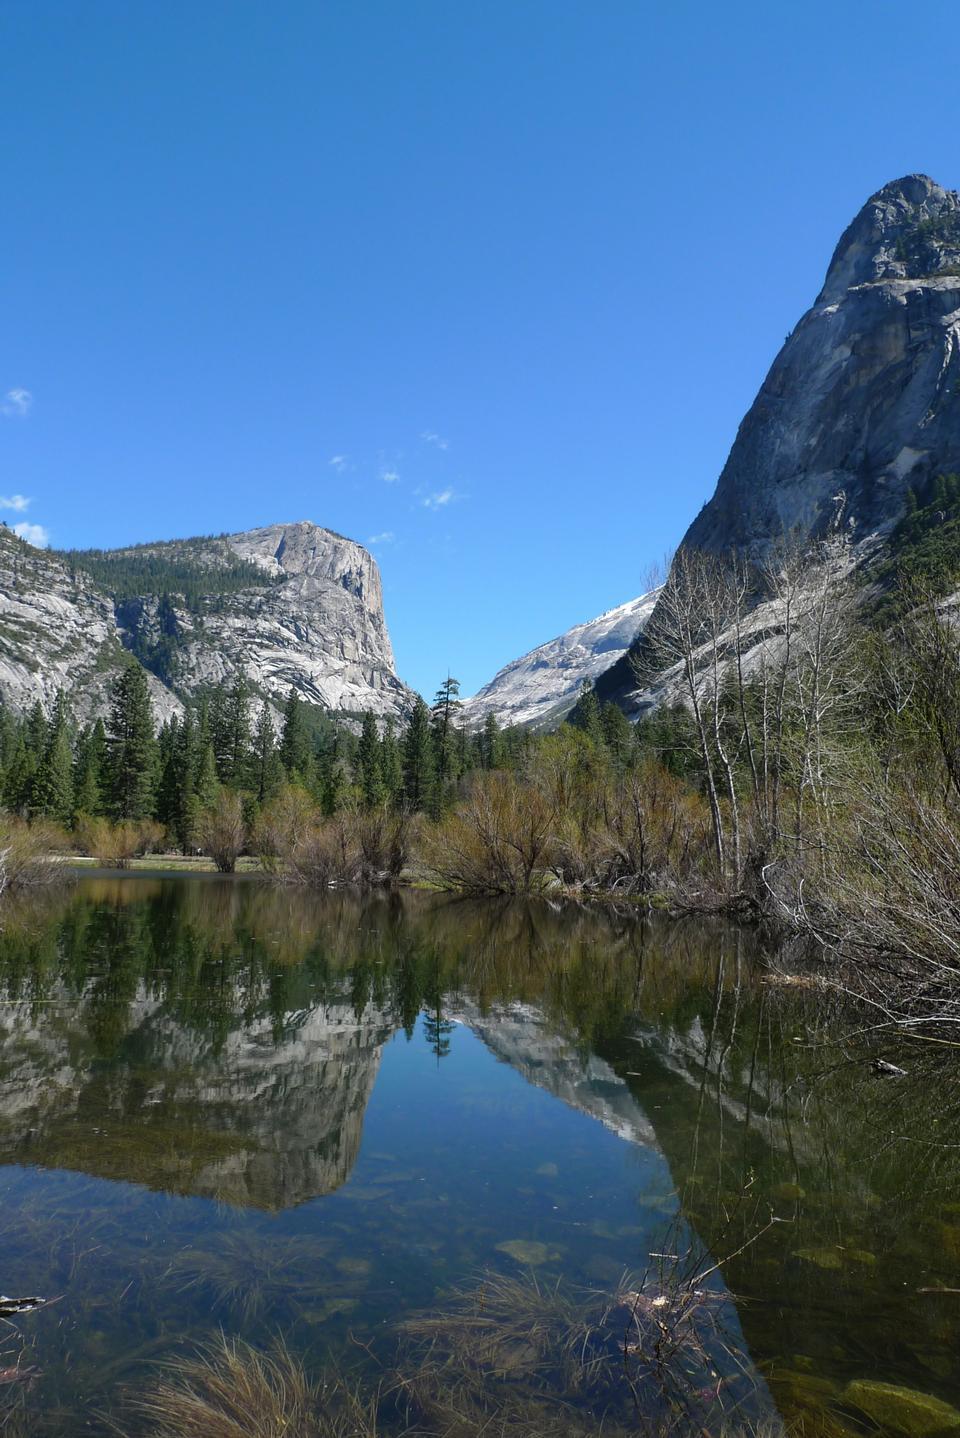 Free Mirror lake in Yosemite